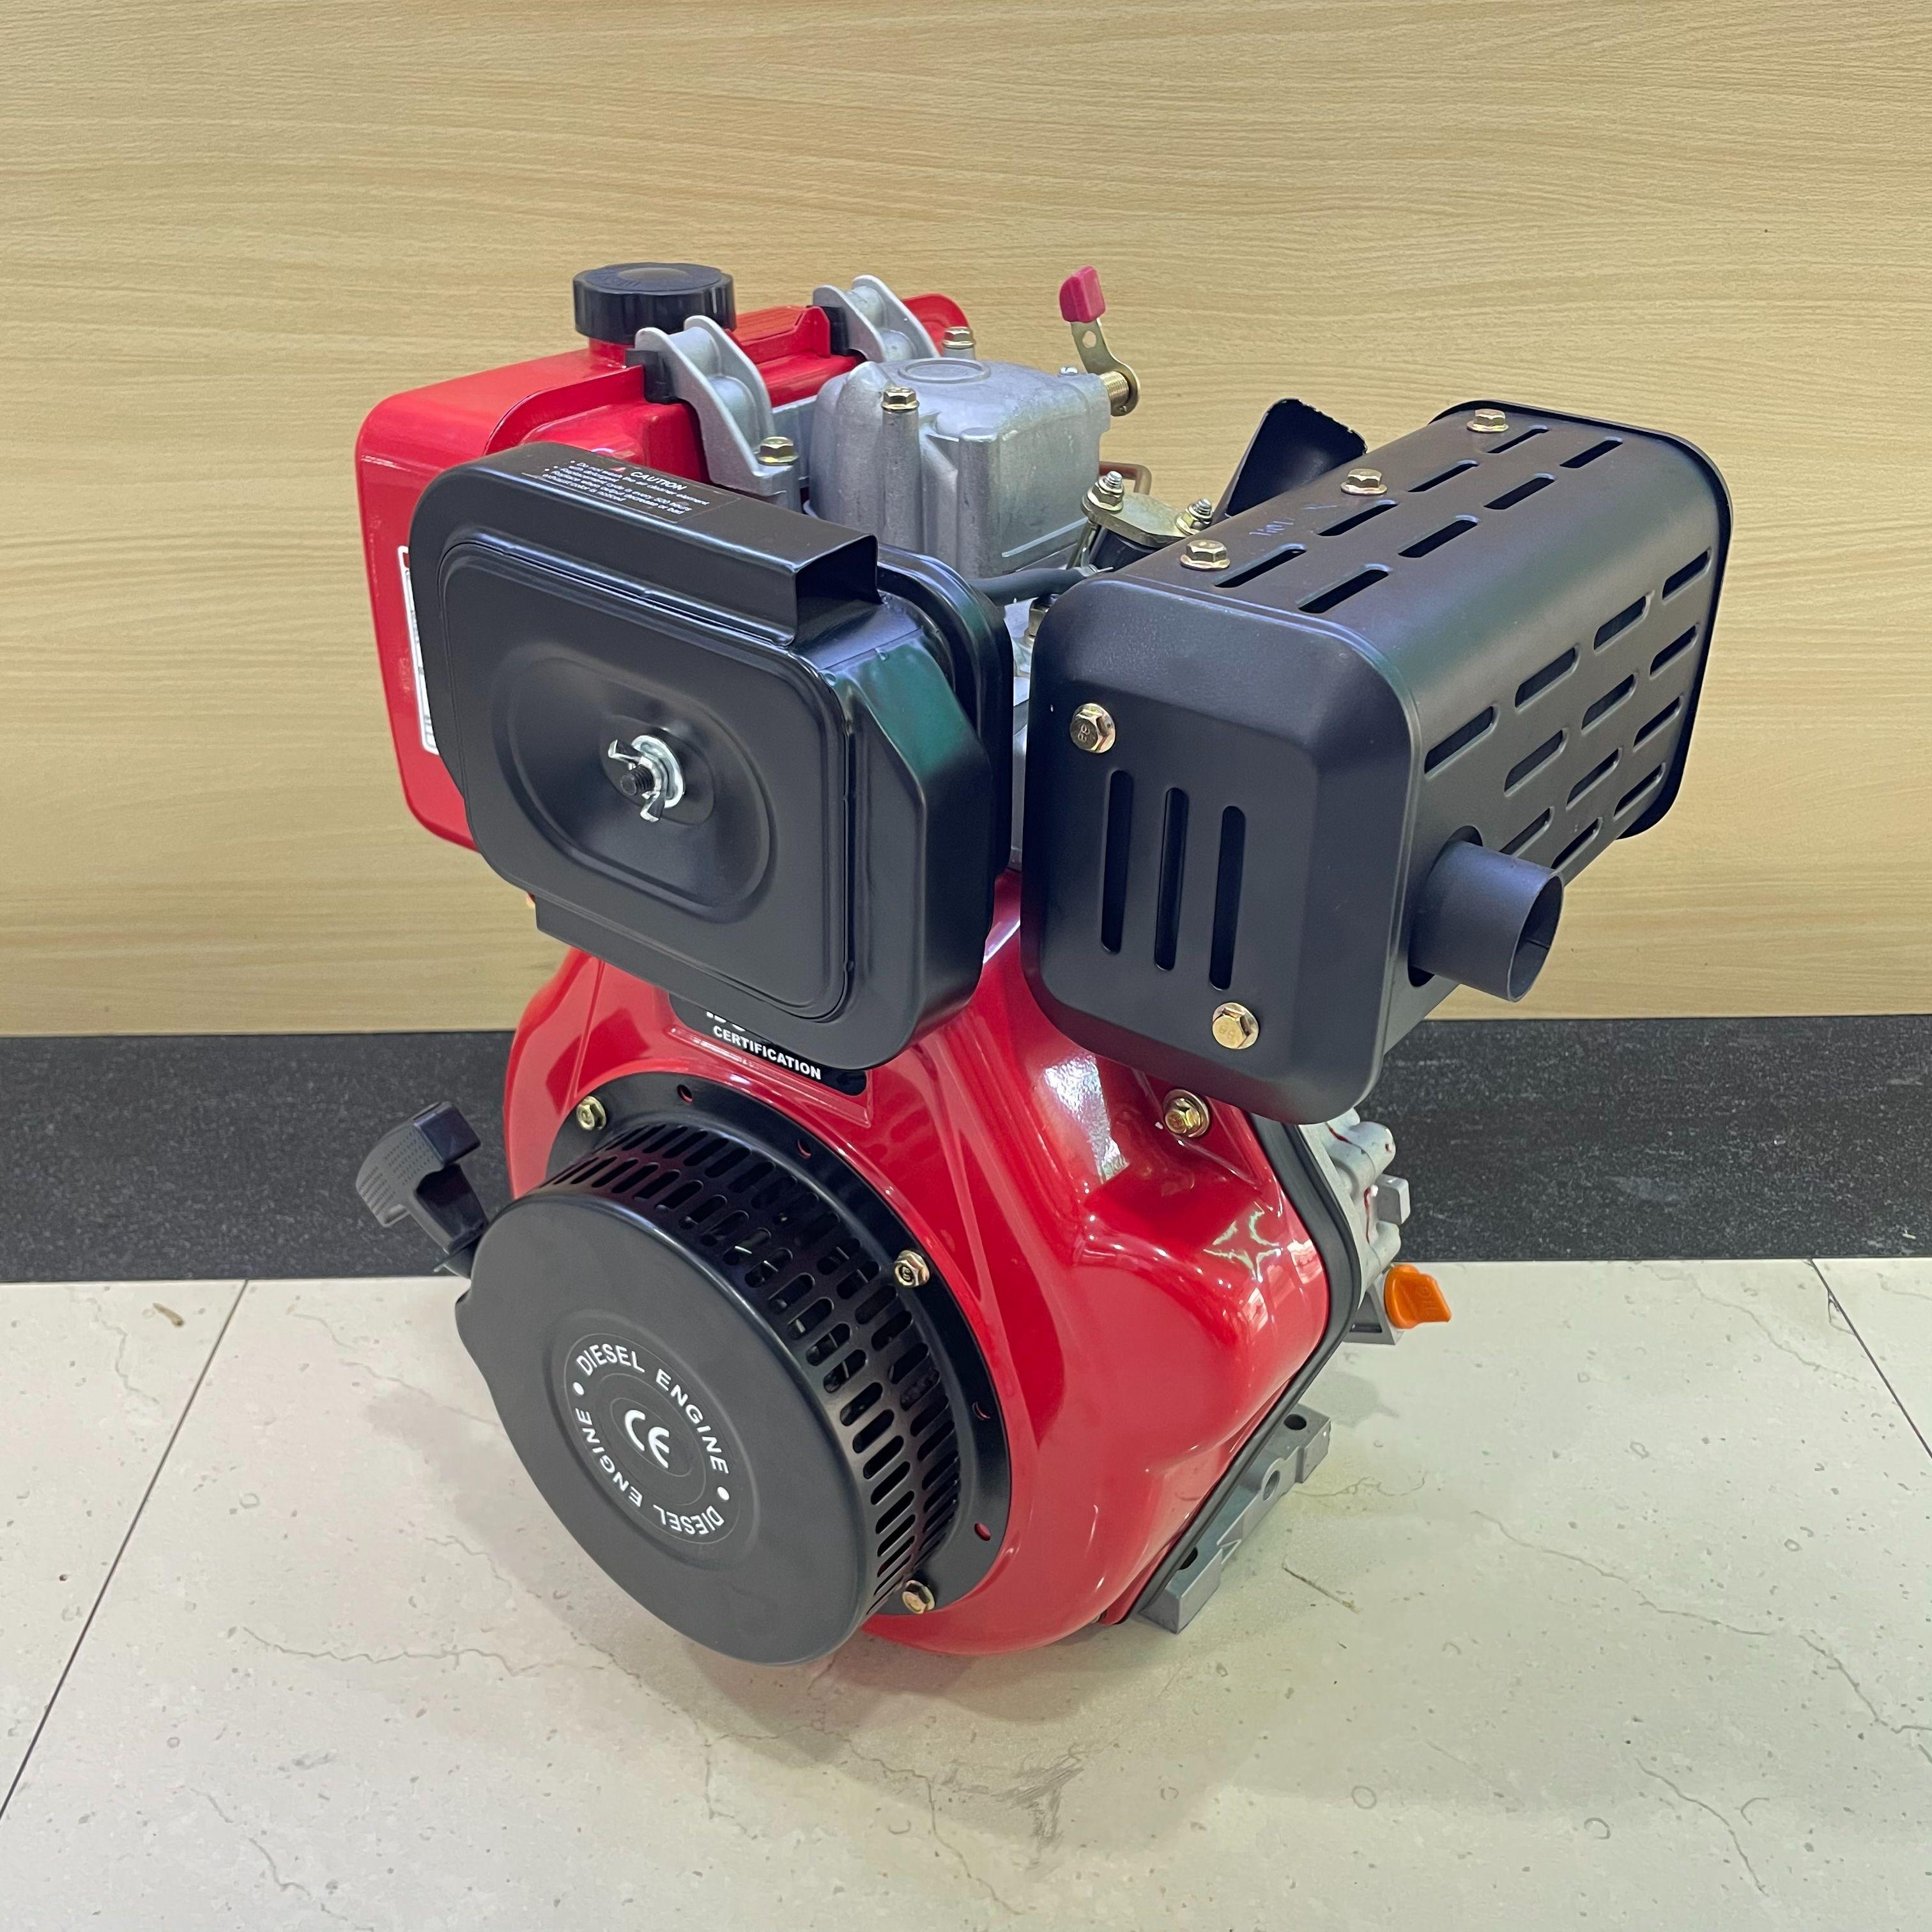 辉腾外贸工厂直销 柴油机 10hp四冲程立式风冷单缸柴油机 186F发动机